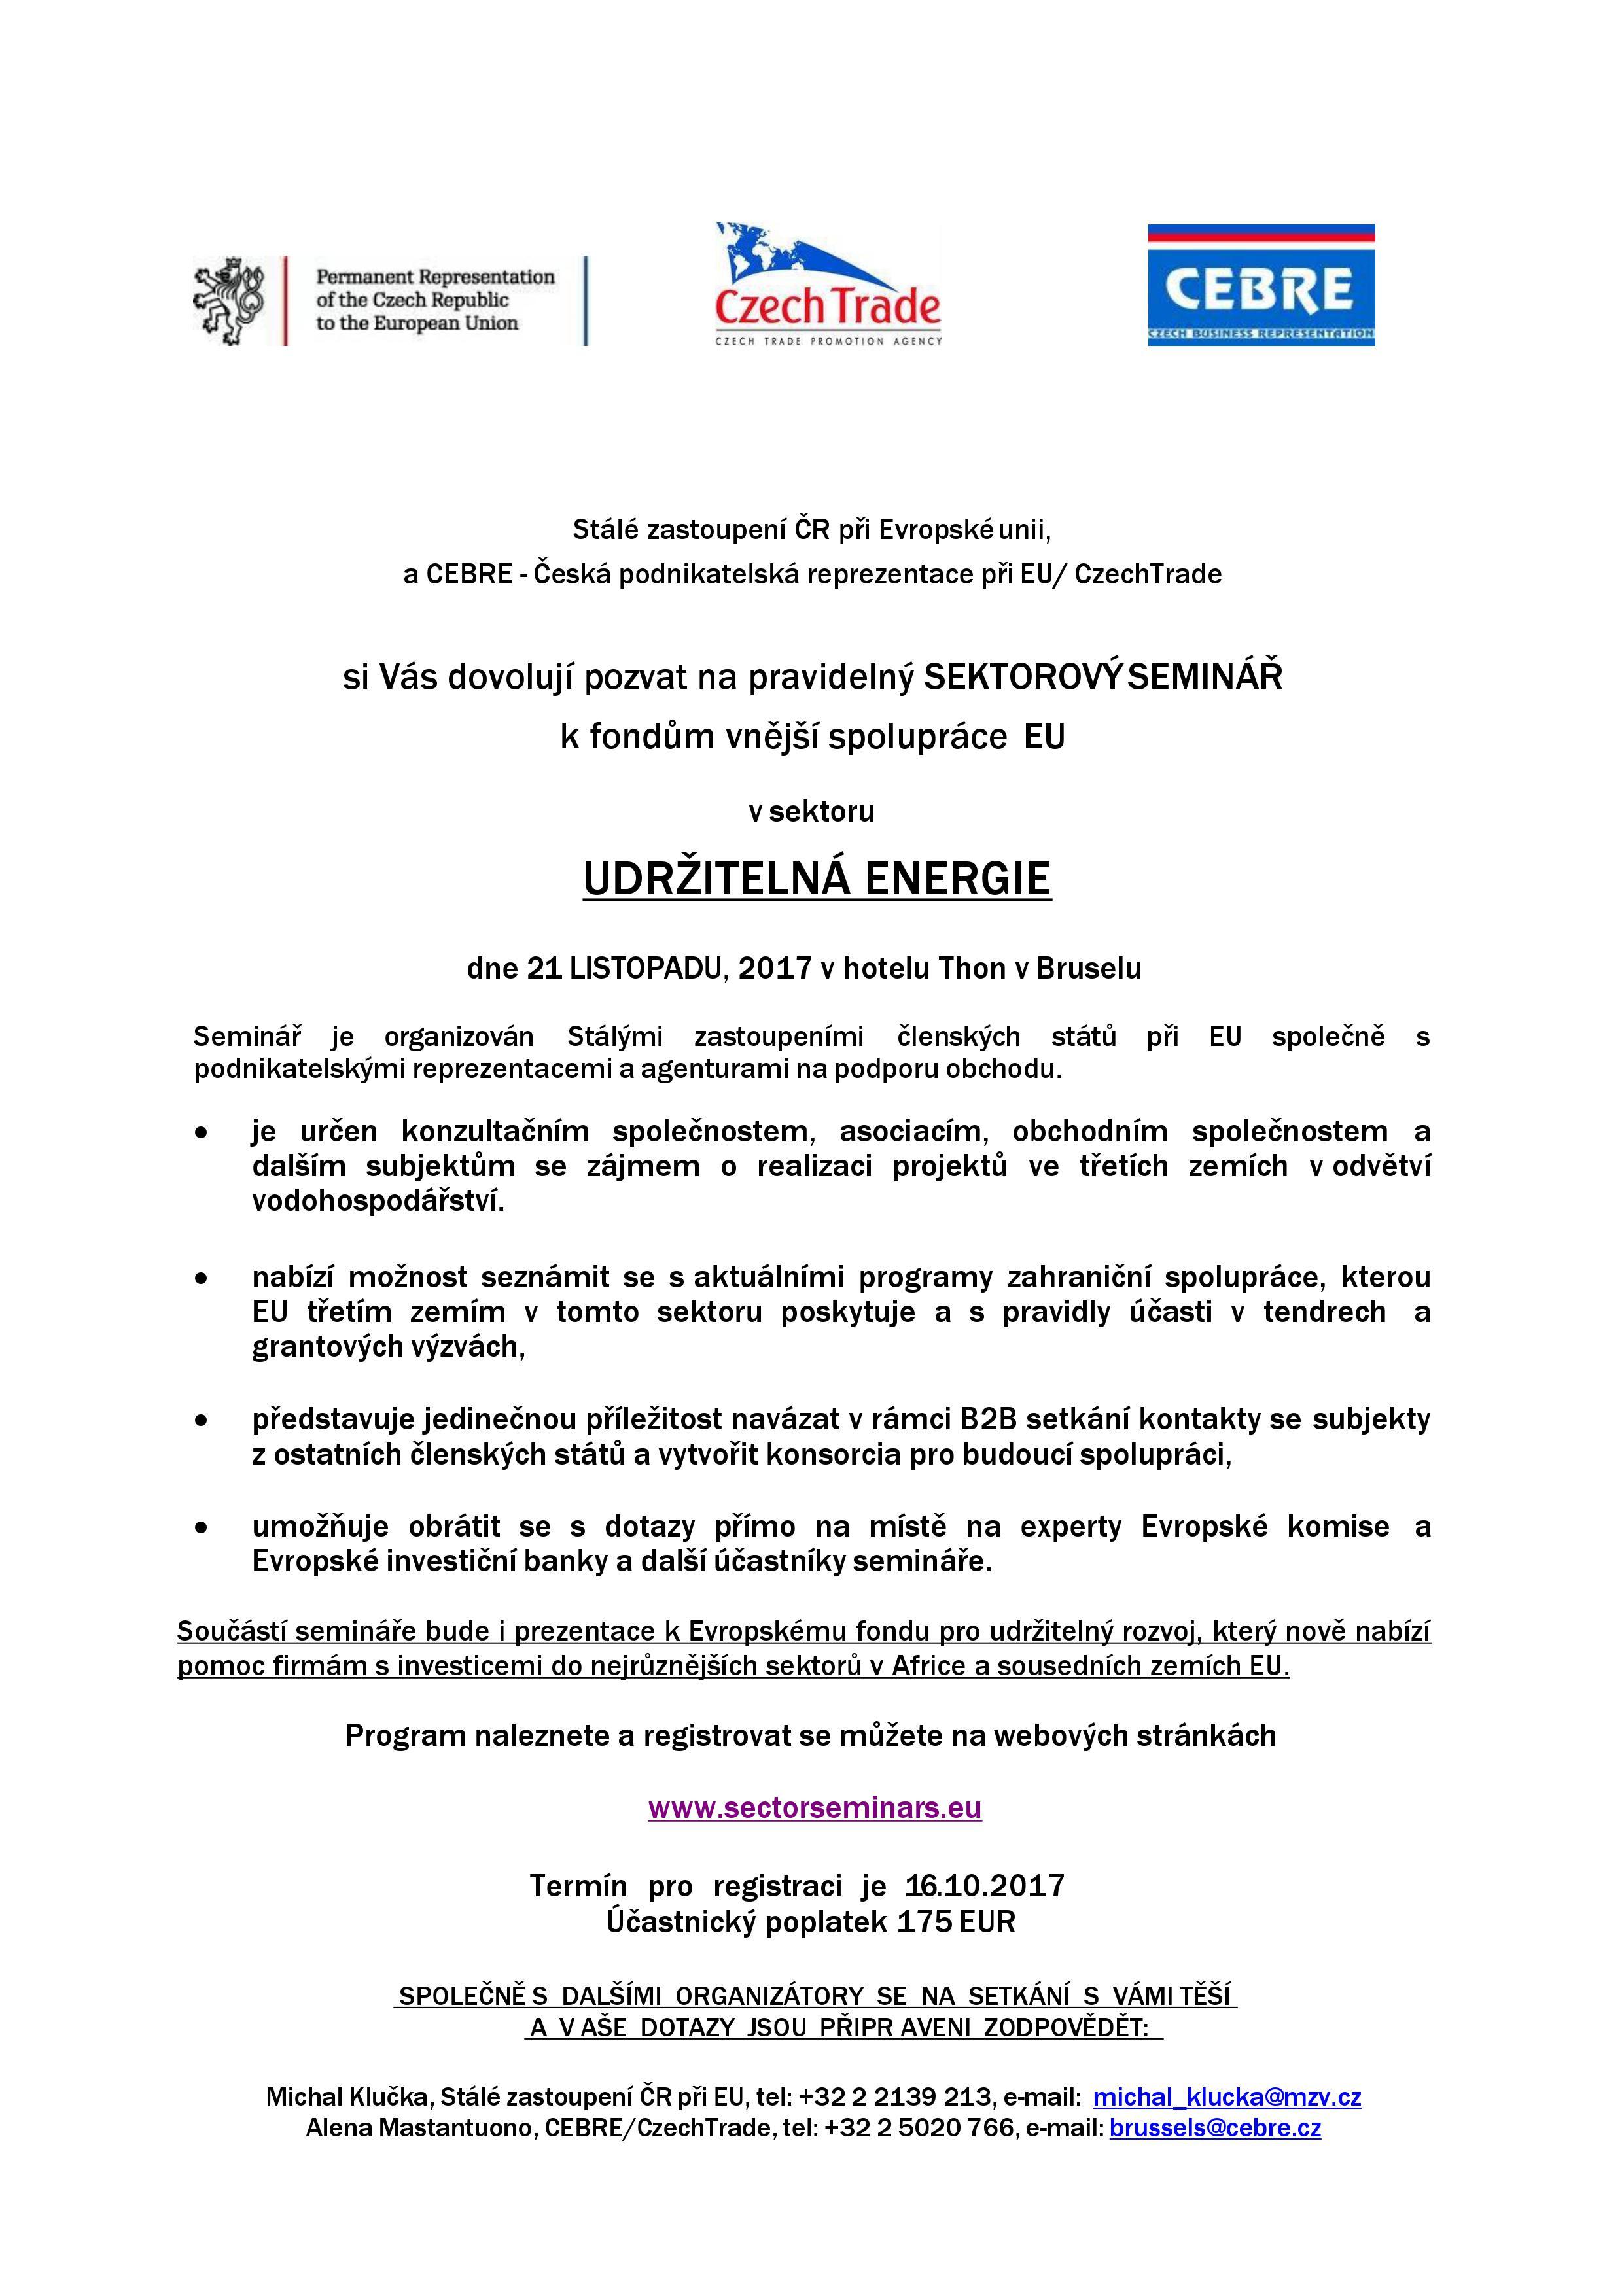 pozvanka_na_sektorovy_seminar.jpg